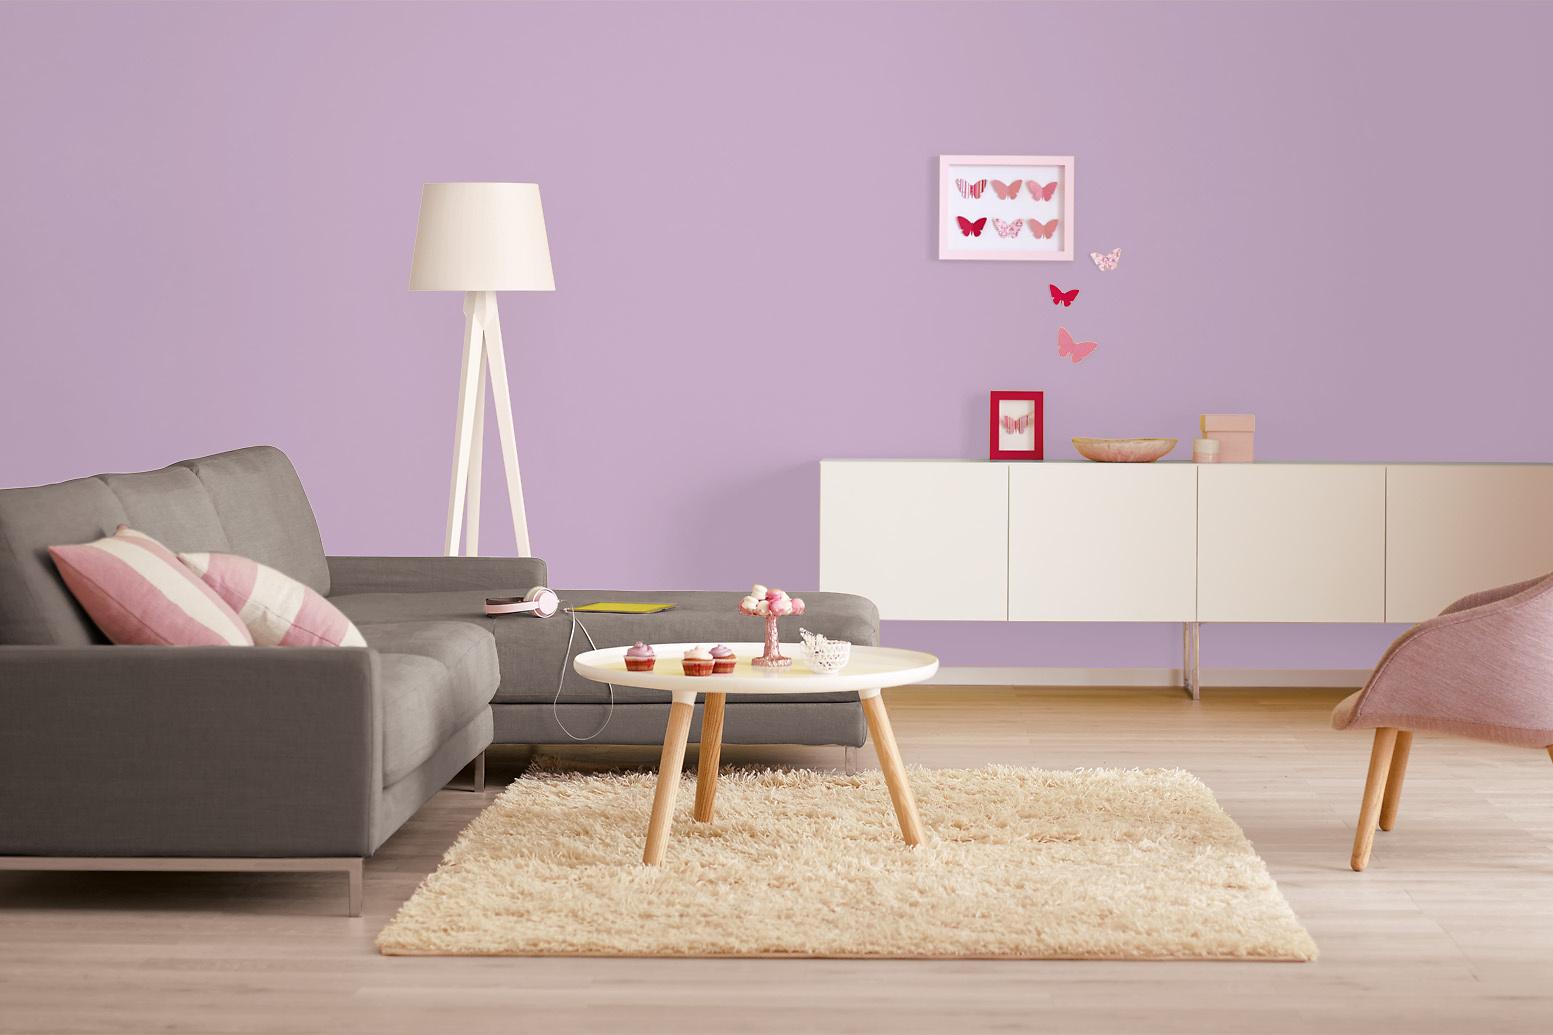 Innenfarbe In Violett Flieder Streichen Alpina Farbrezepte Fliederfest Alpina Farben